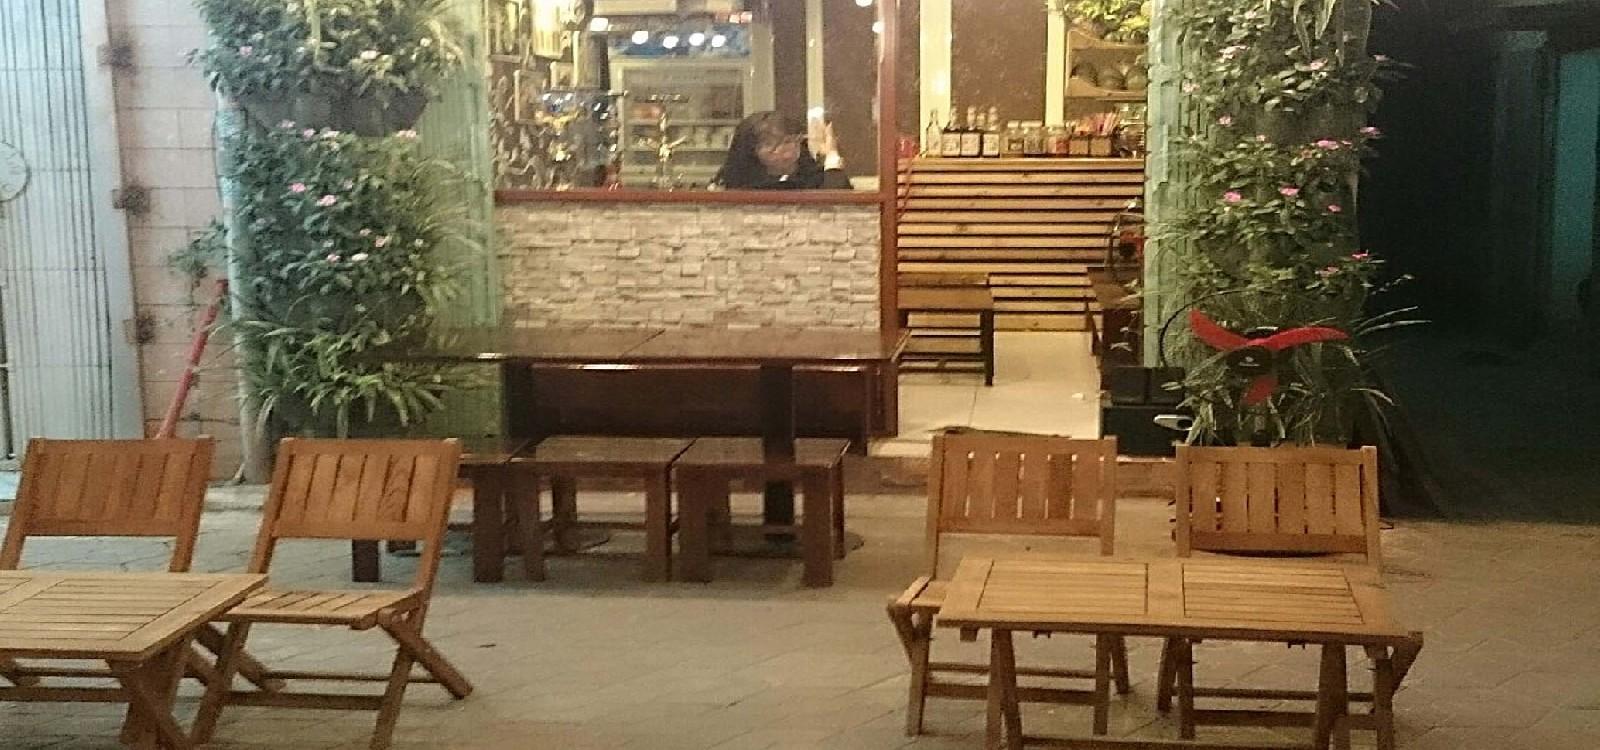 hình ảnh Quán cà phê NA JUICE – 104 Lê Lợi điểm tới của giới trẻ Hải Phòng.